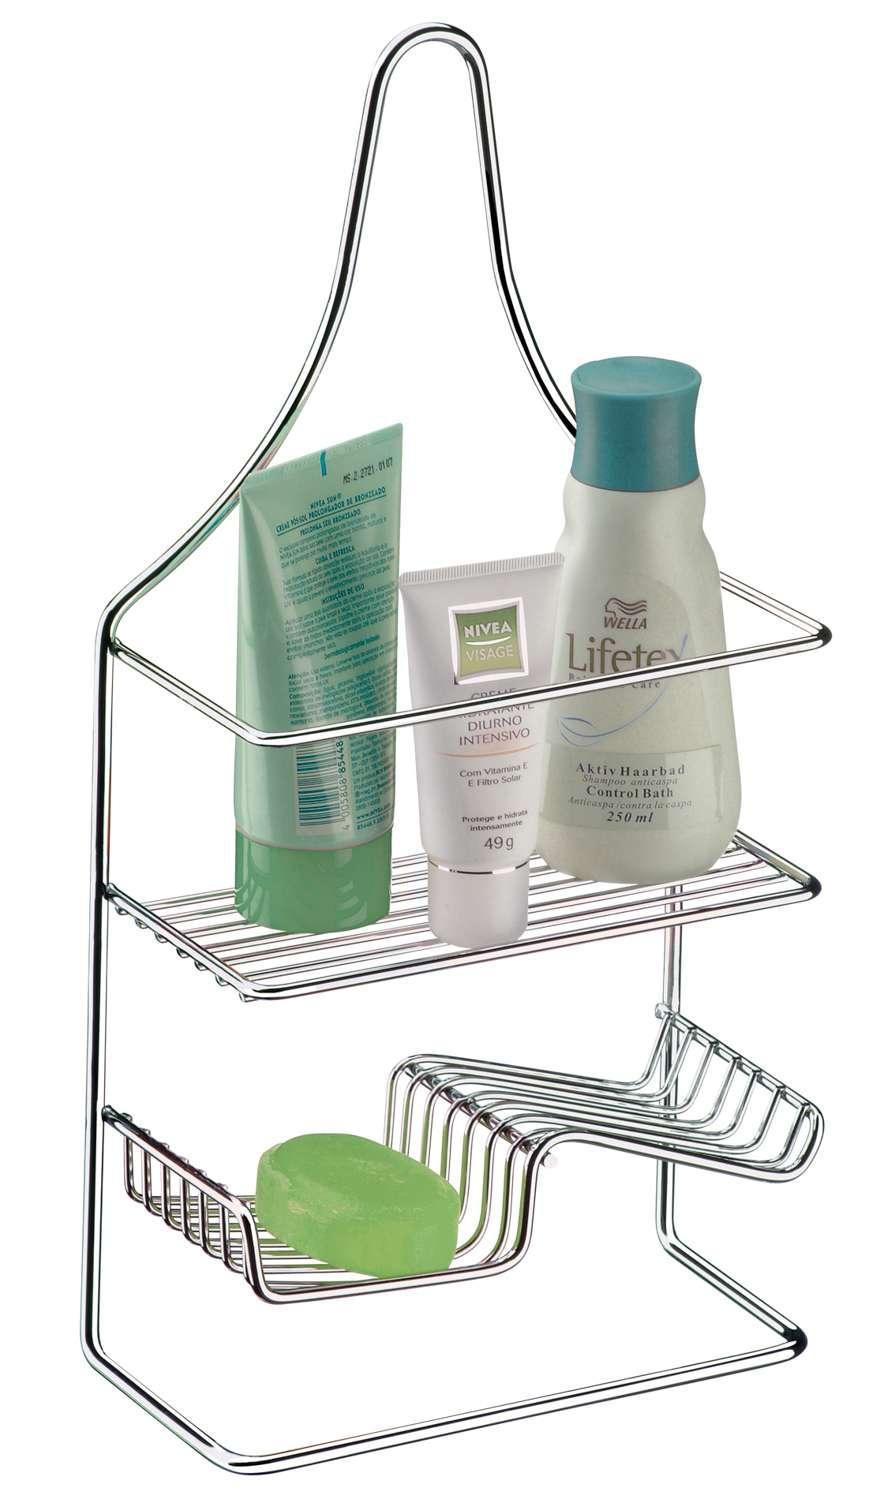 ca5b807e1 ... Acessórios para Banheiro · Suportes Para Shampoo.  Imagens meramente  ilustrativas